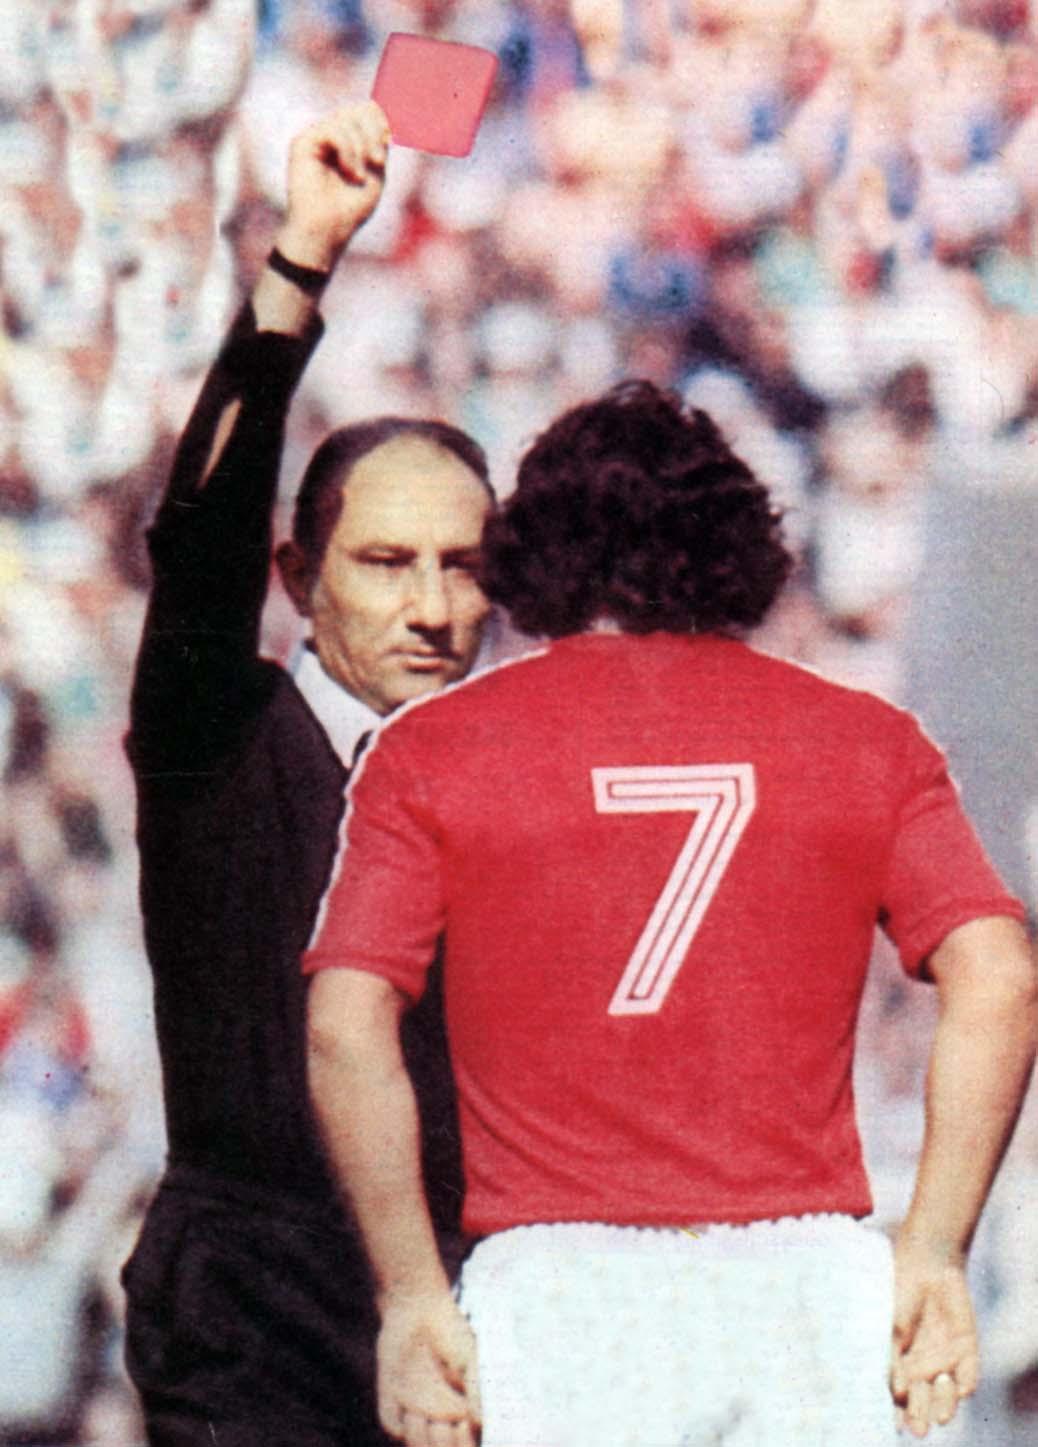 Primera tarjeta roja de la historia de los mundiales, sacada por el árbitro turco Dogan Babacan al chileno Carlos Caszely